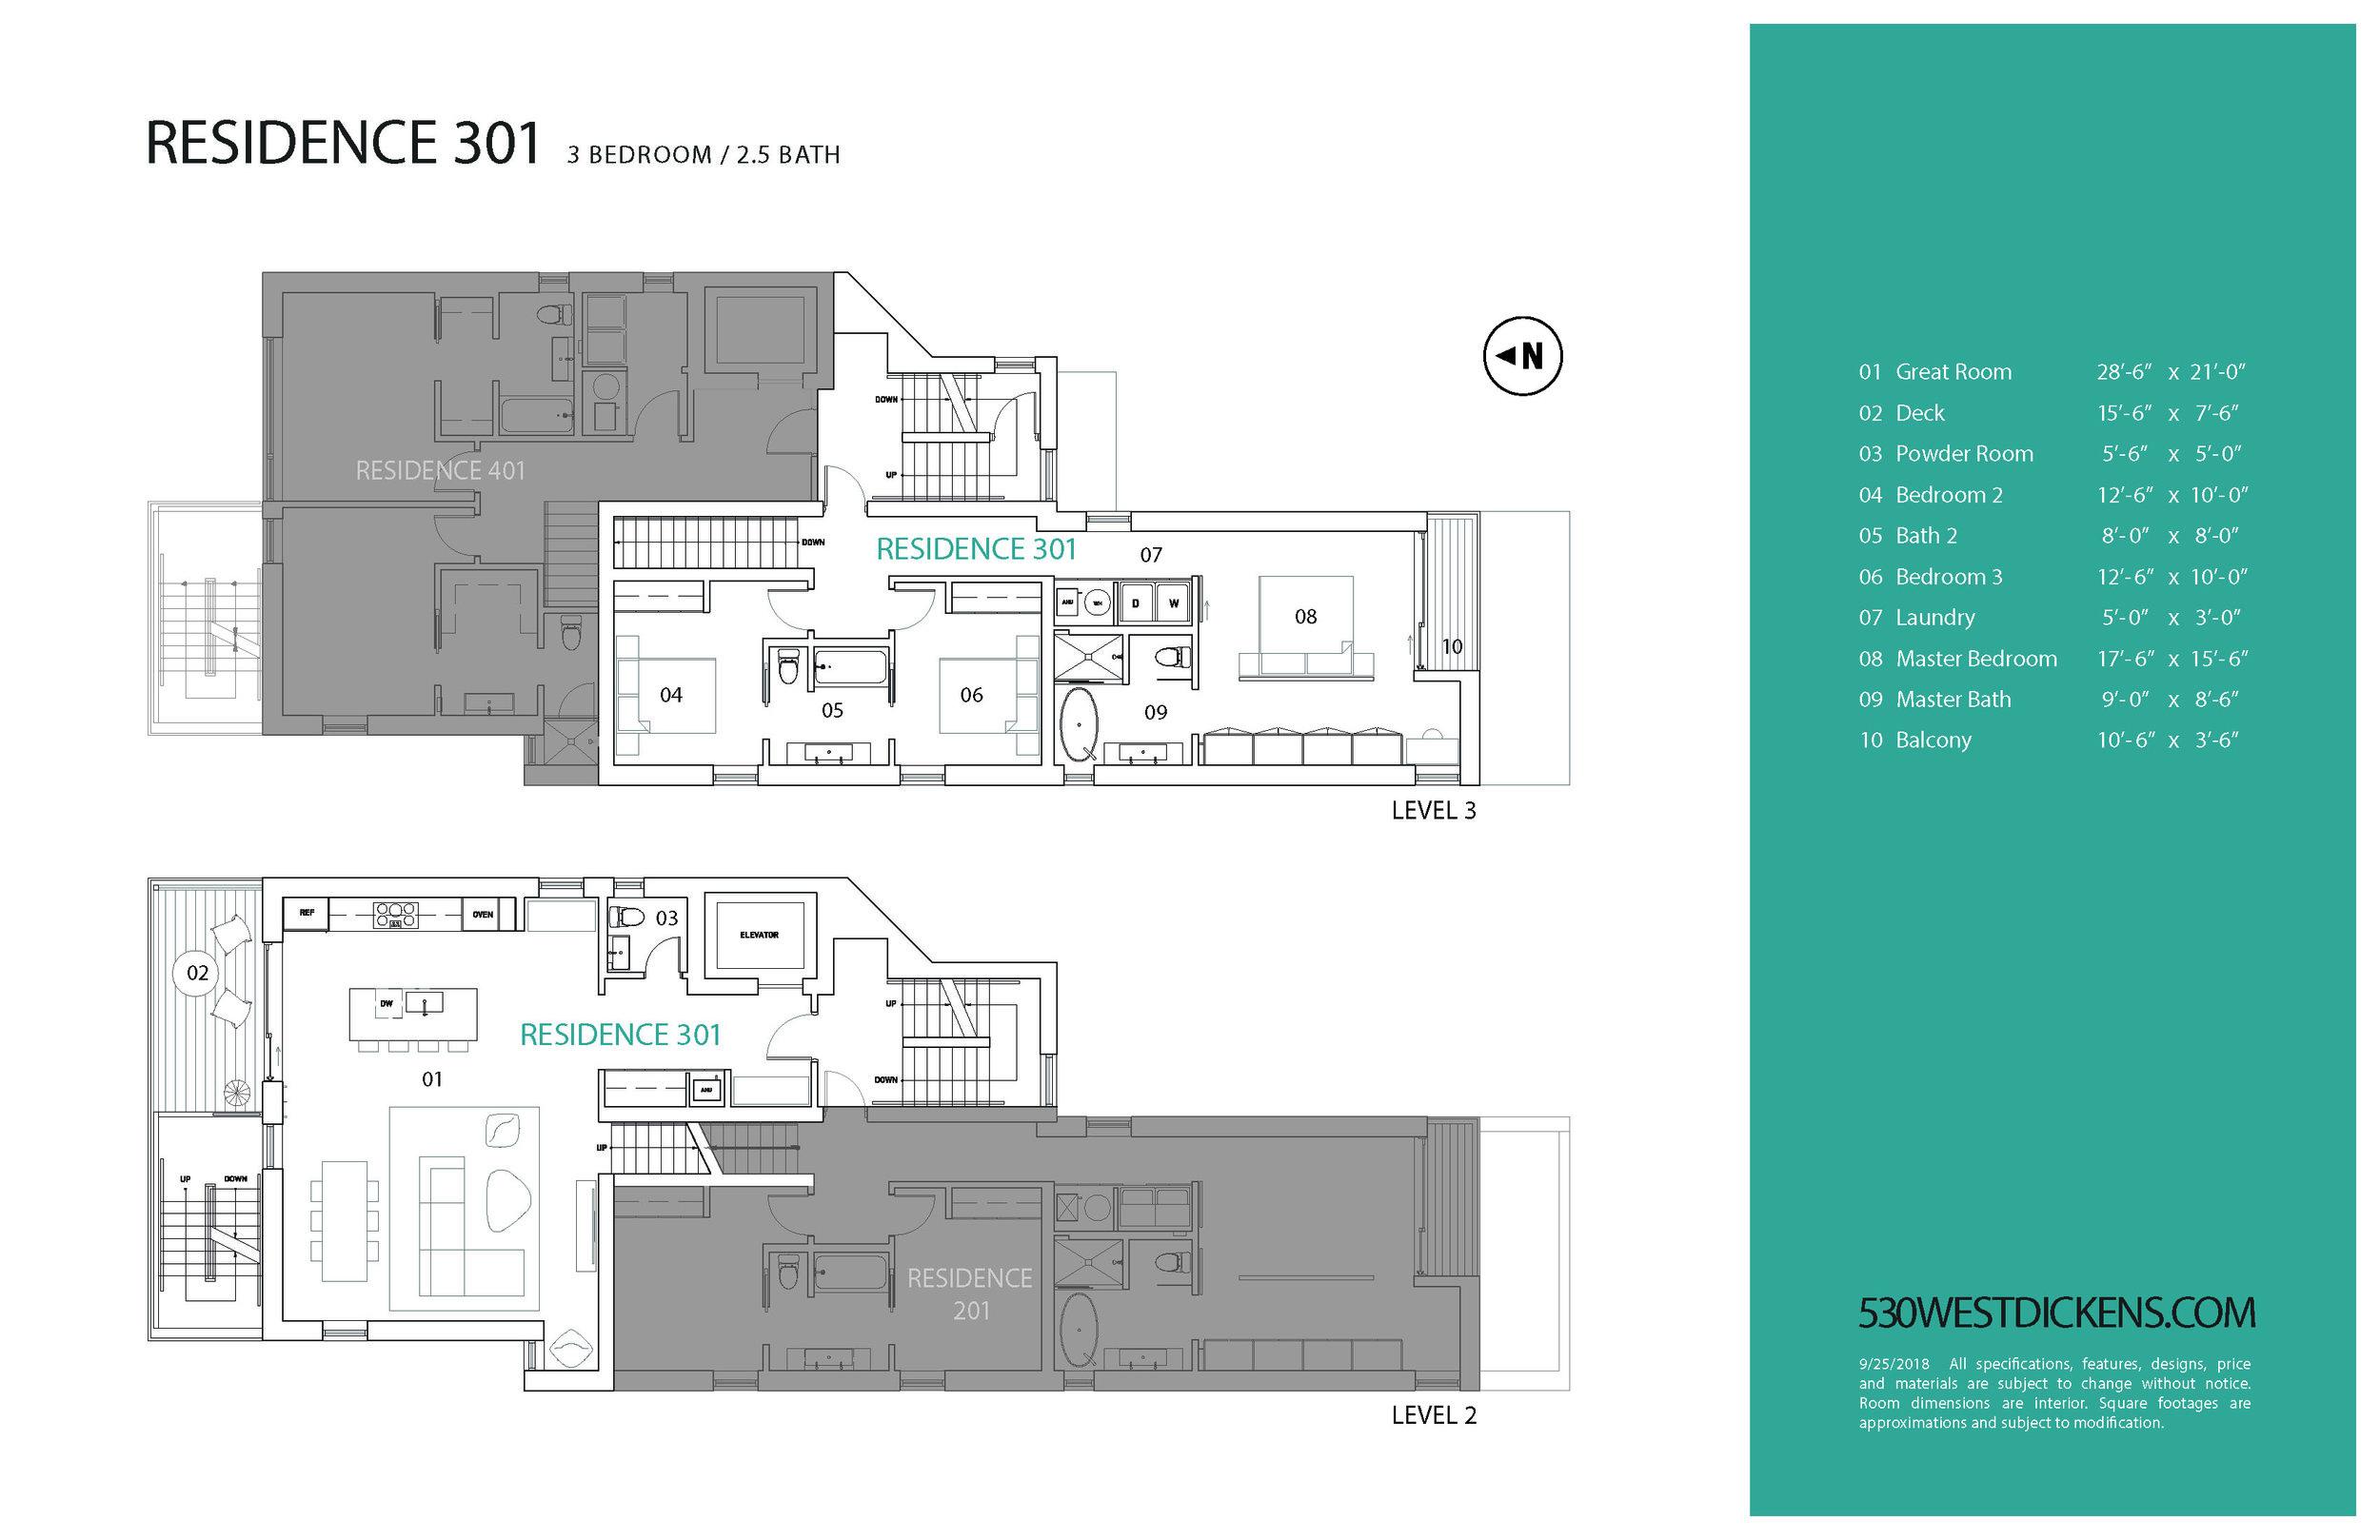 530 West Dickens Brochure 9.25.18 7.jpg